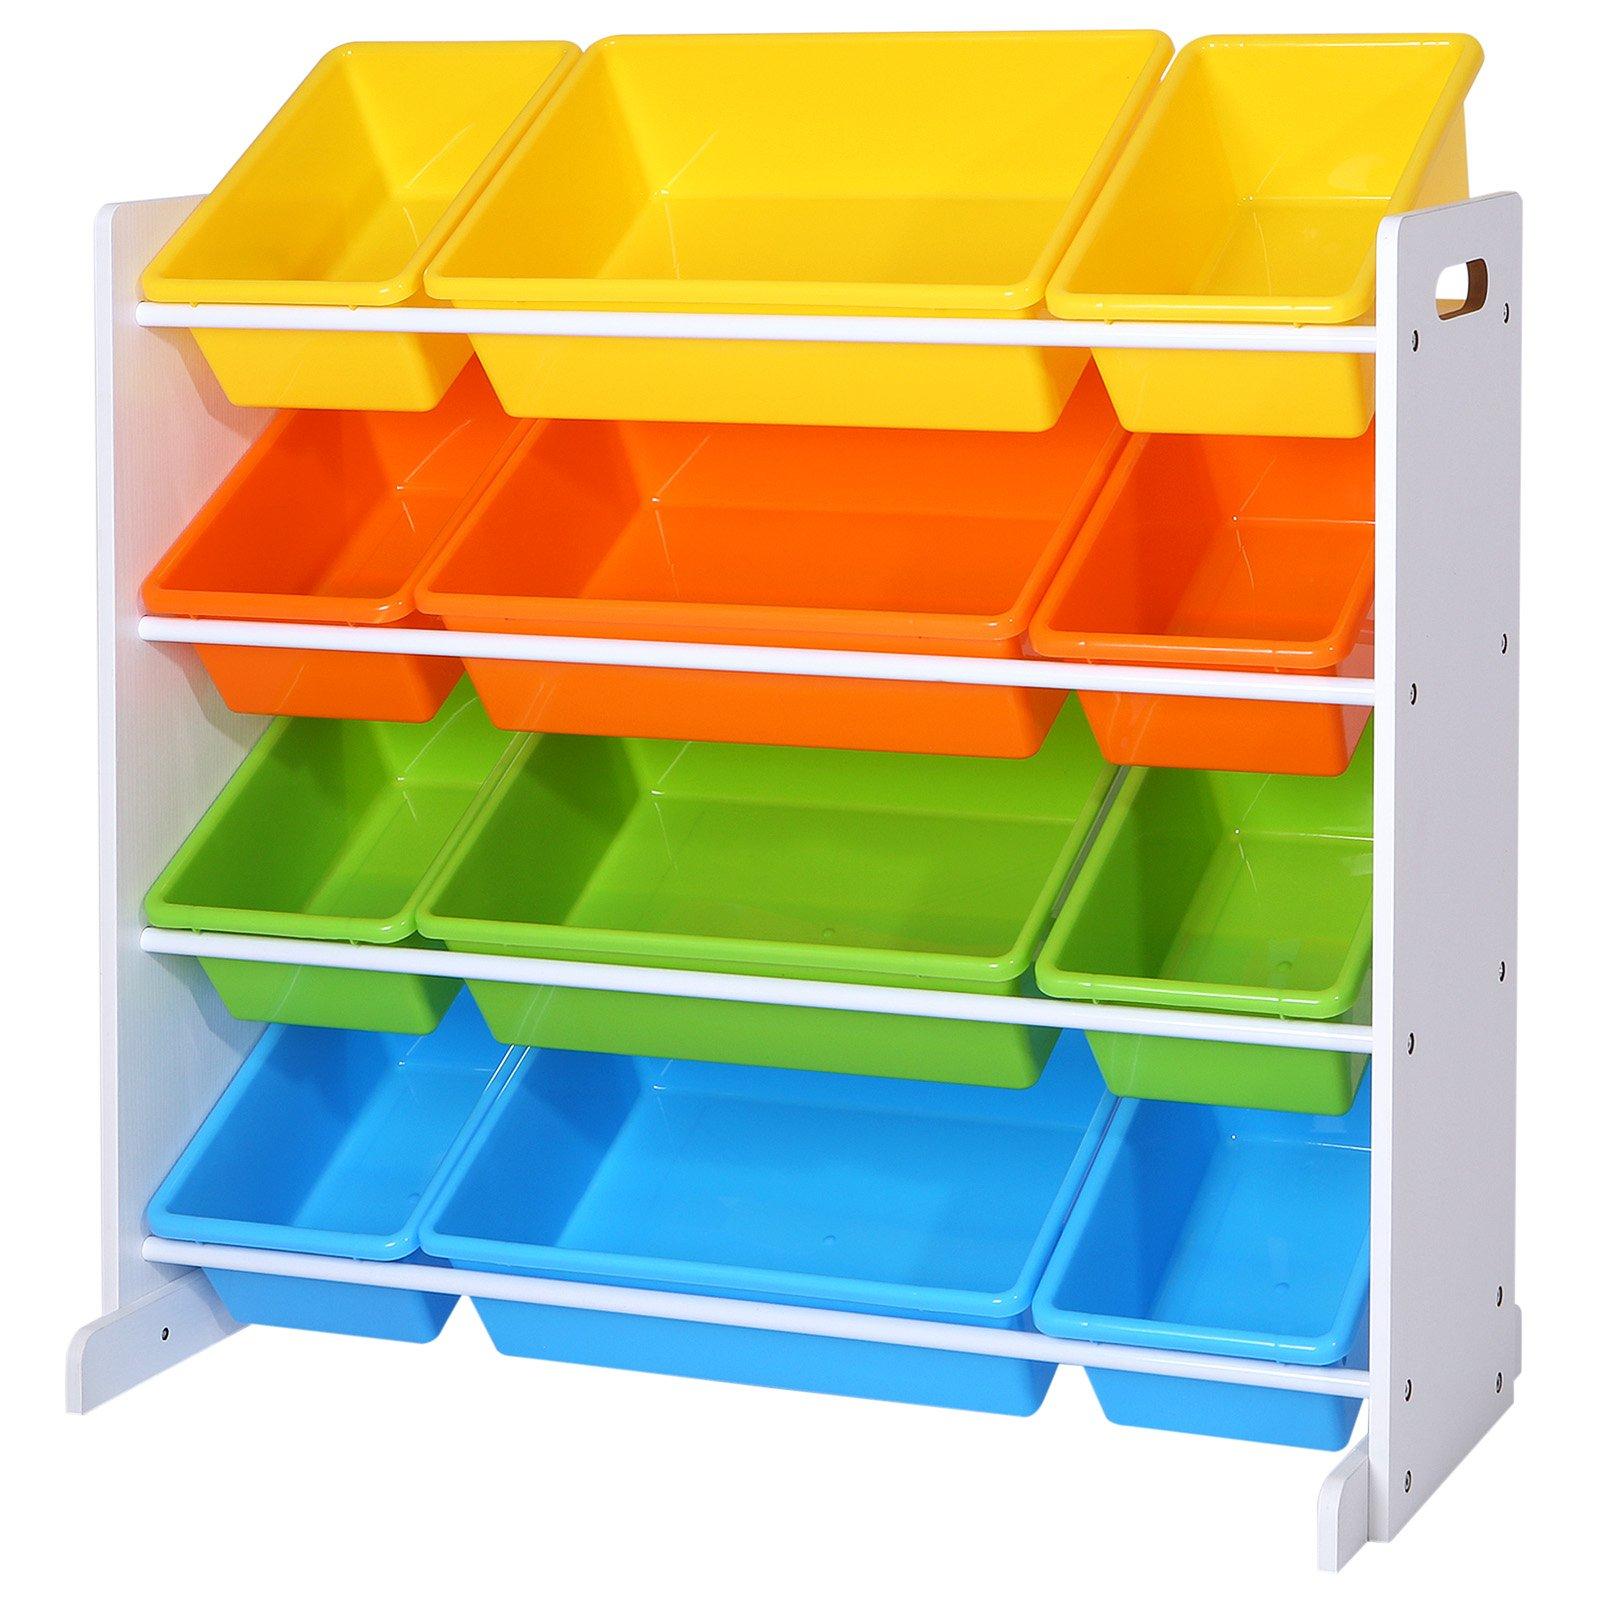 Top meubles de rangement pour enfants selon les notes - Meuble de rangement pour enfants ...